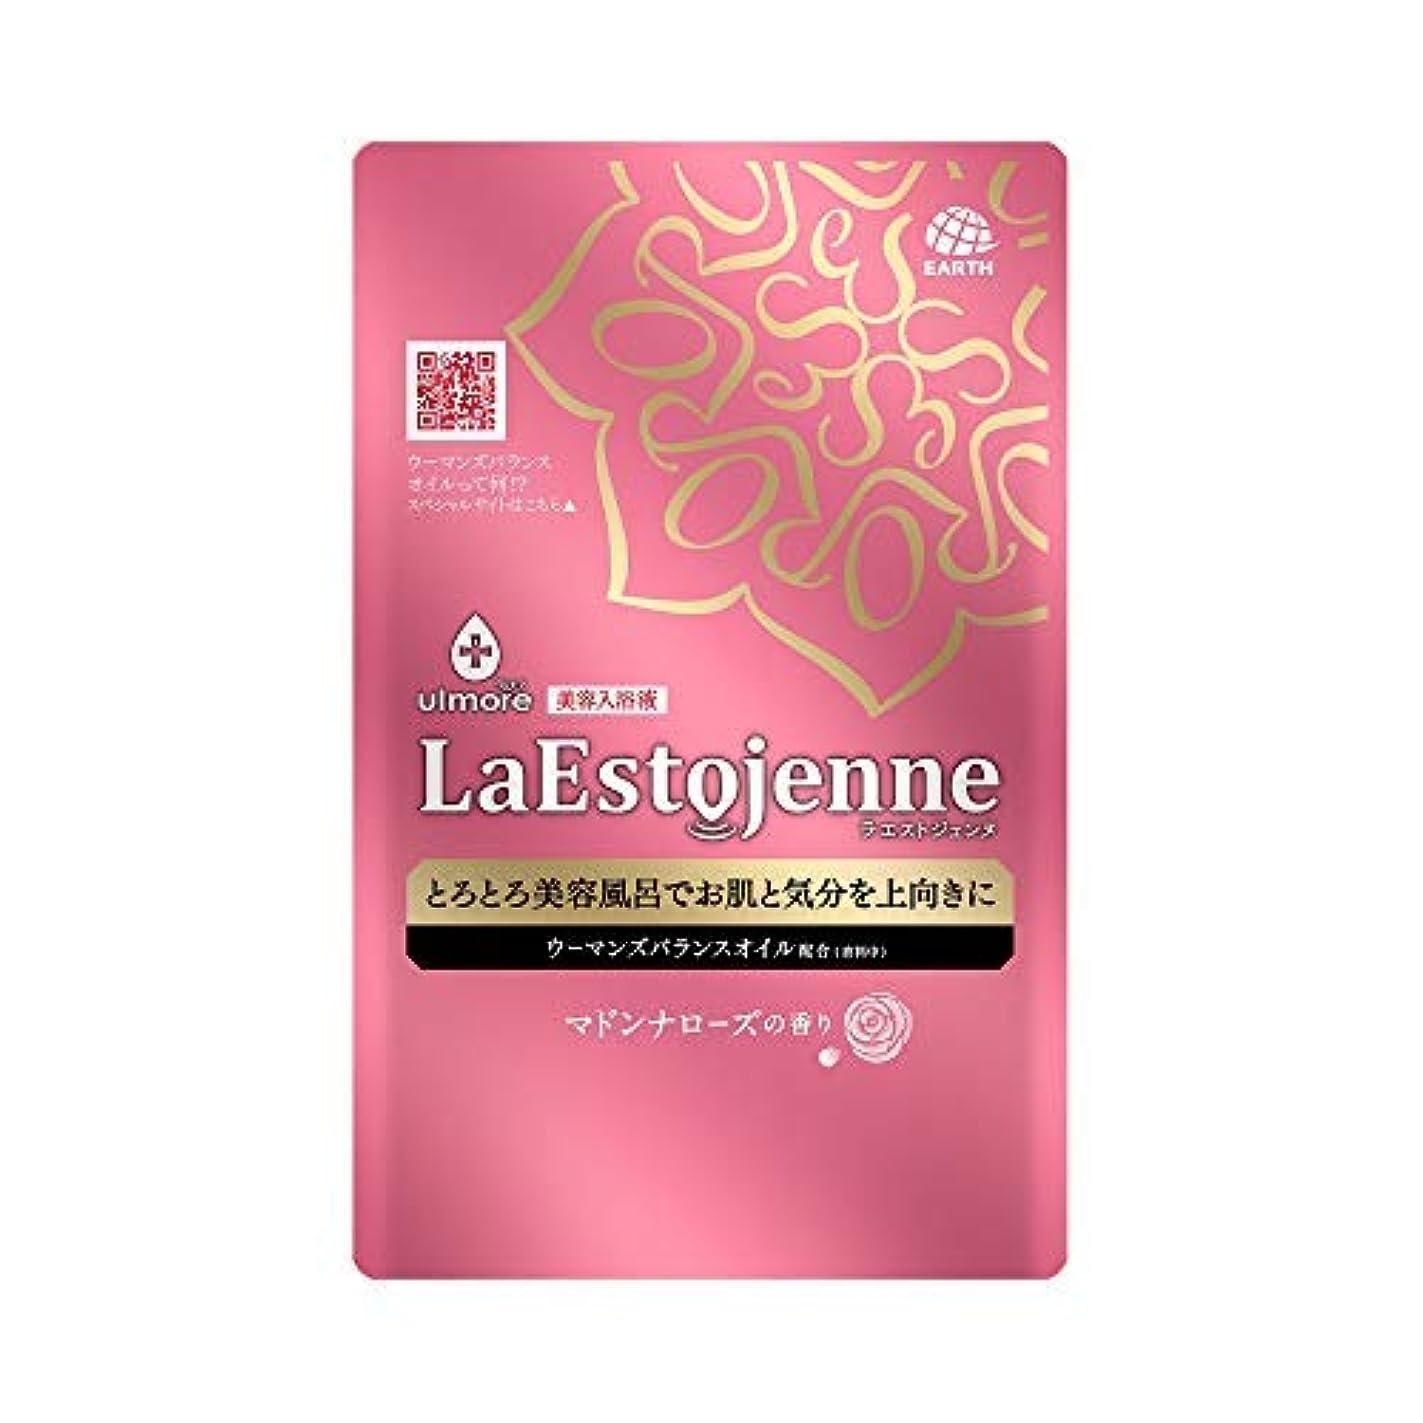 常習者欠かせない蓋ウルモア ラエストジェンヌ マドンナローズの香り 1包 × 12個セット